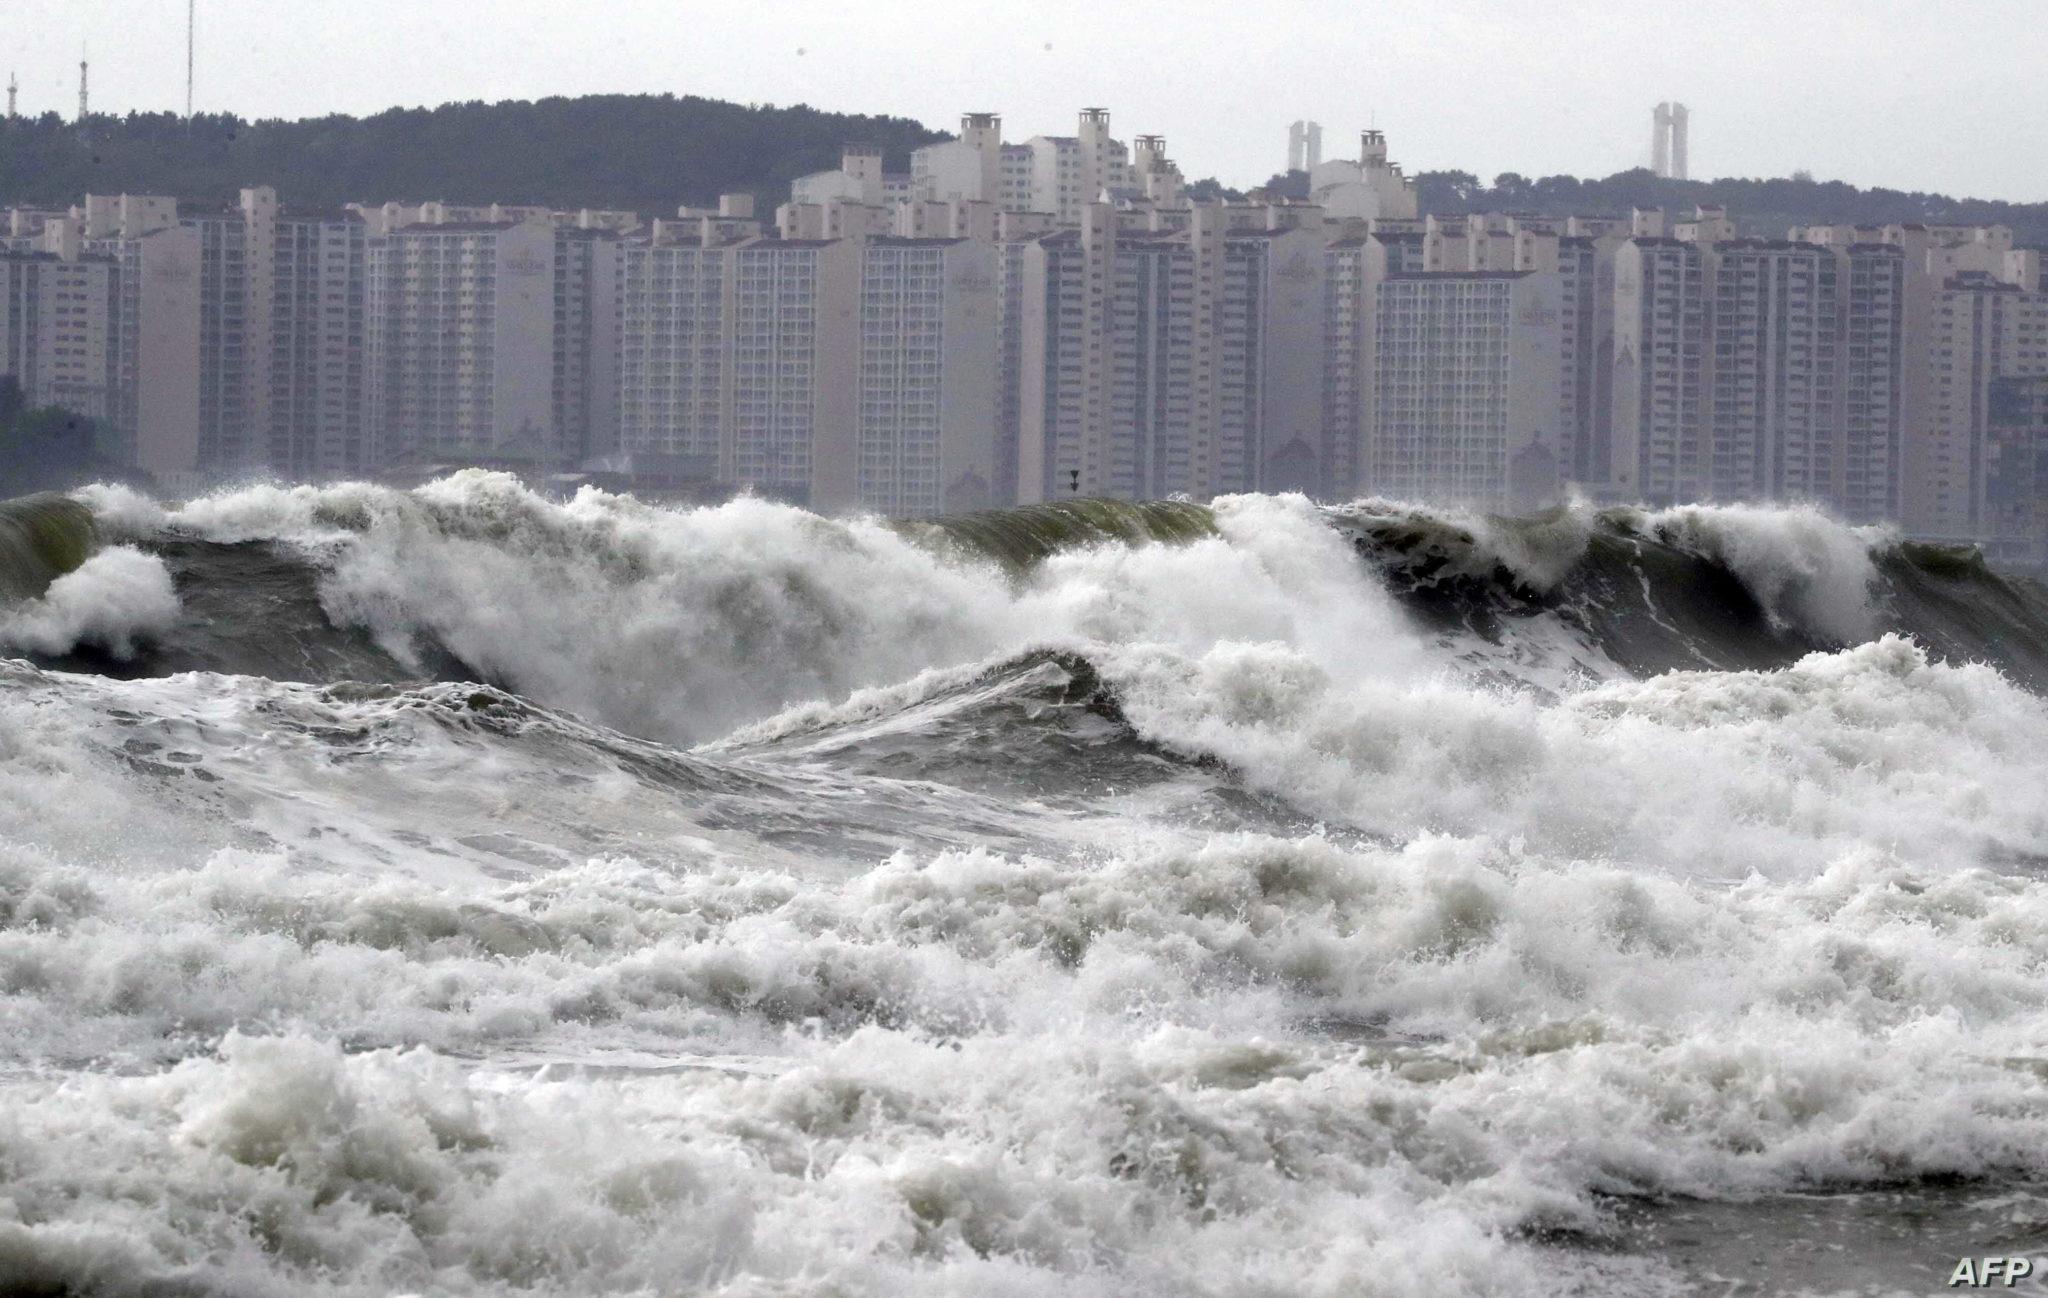 Tufão faz estragos na Coreia do Sul, após causar mais de 20 feridos no Japão